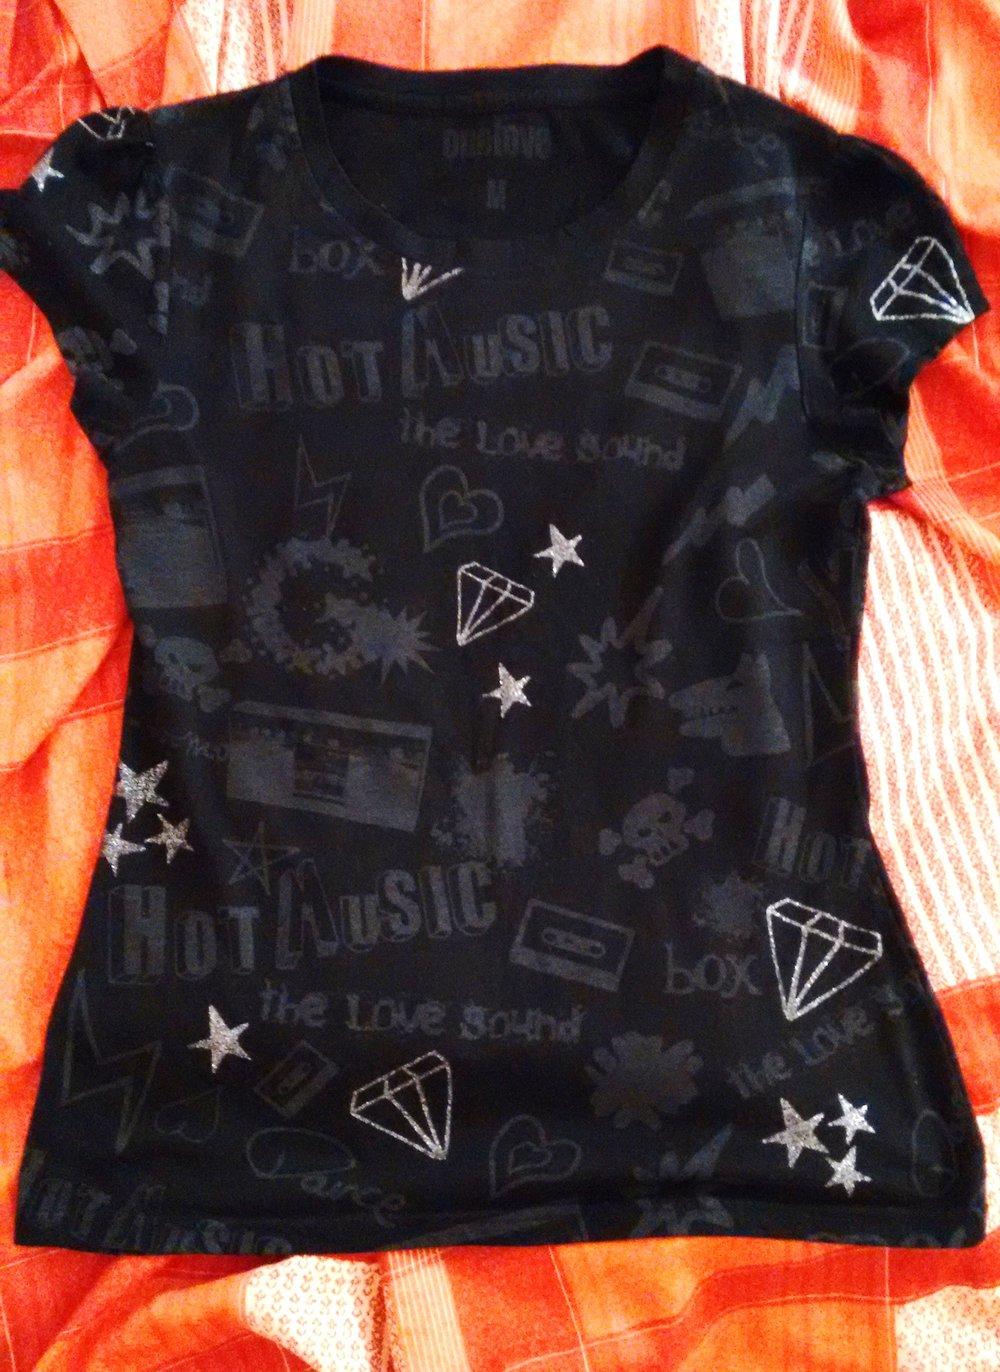 T Shirt Oberteil kurzarm rockig schwarz grau weiß silber Aufdruck Motiv Diamanten Radio Musik Sterne Gothic Metal Emo Punk Hardcore Visual Kei Style